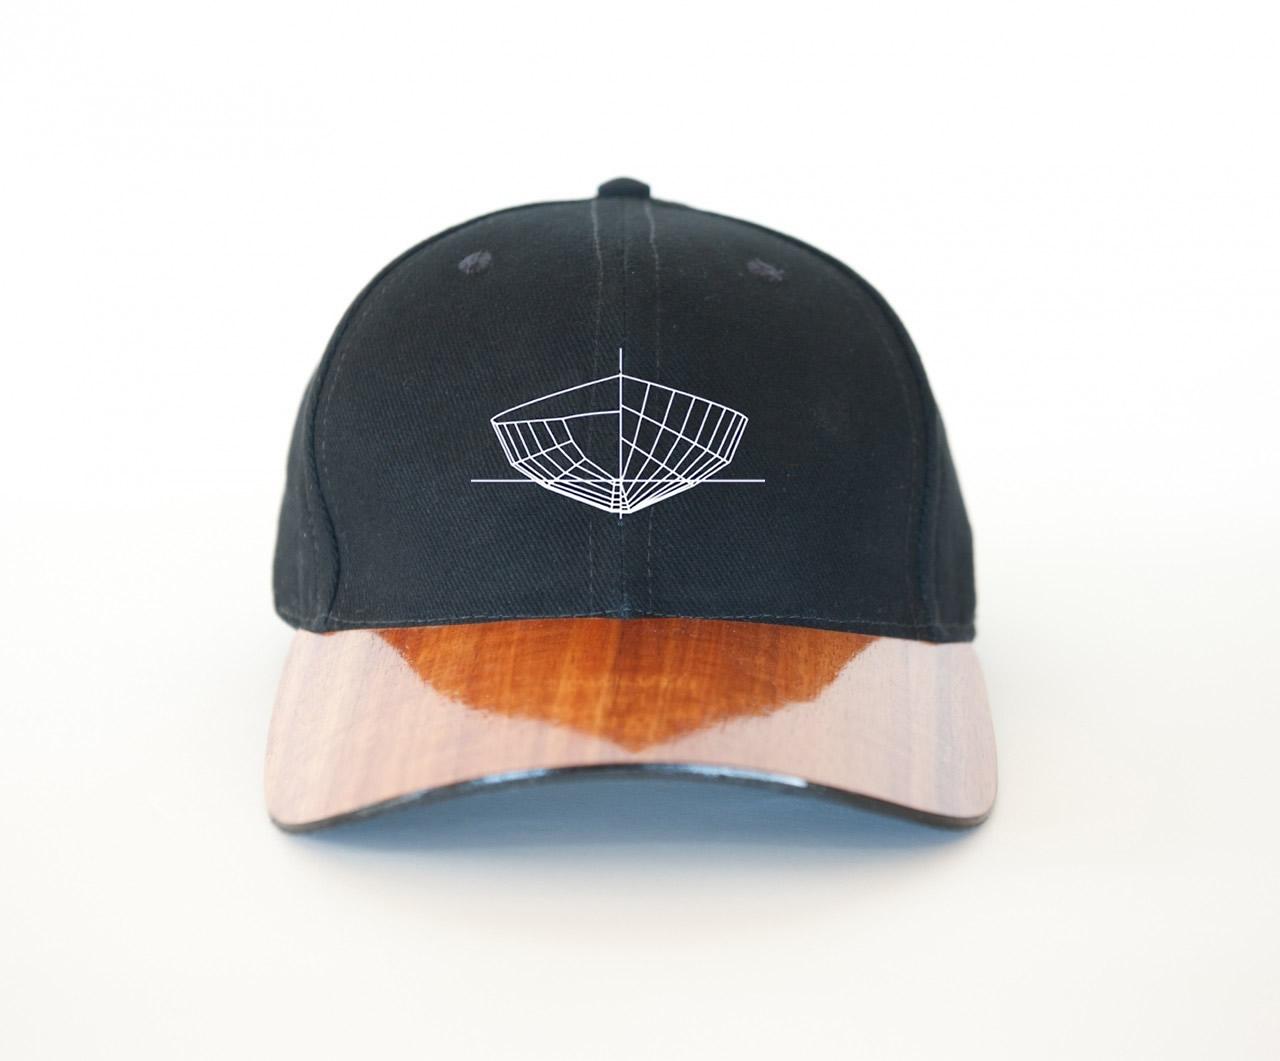 299337d9b82 Official NBWBF Wood-billed Hat